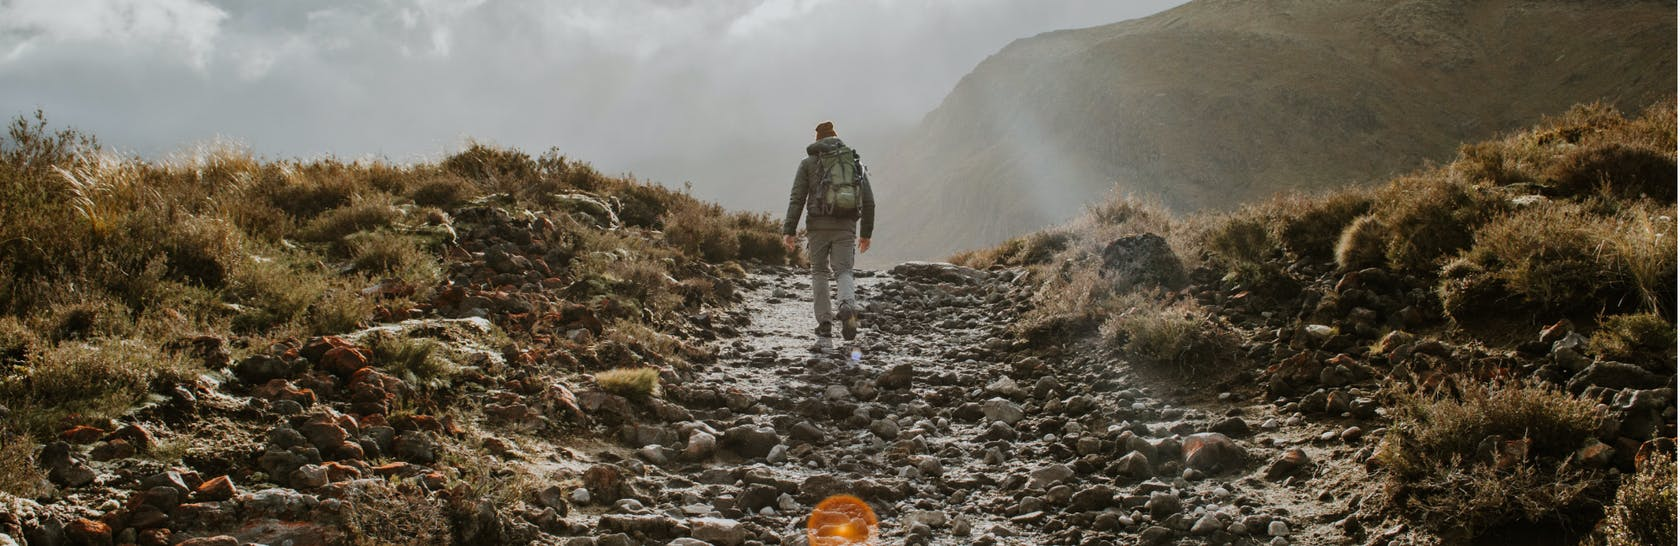 Uomo che cammina tra le montagne